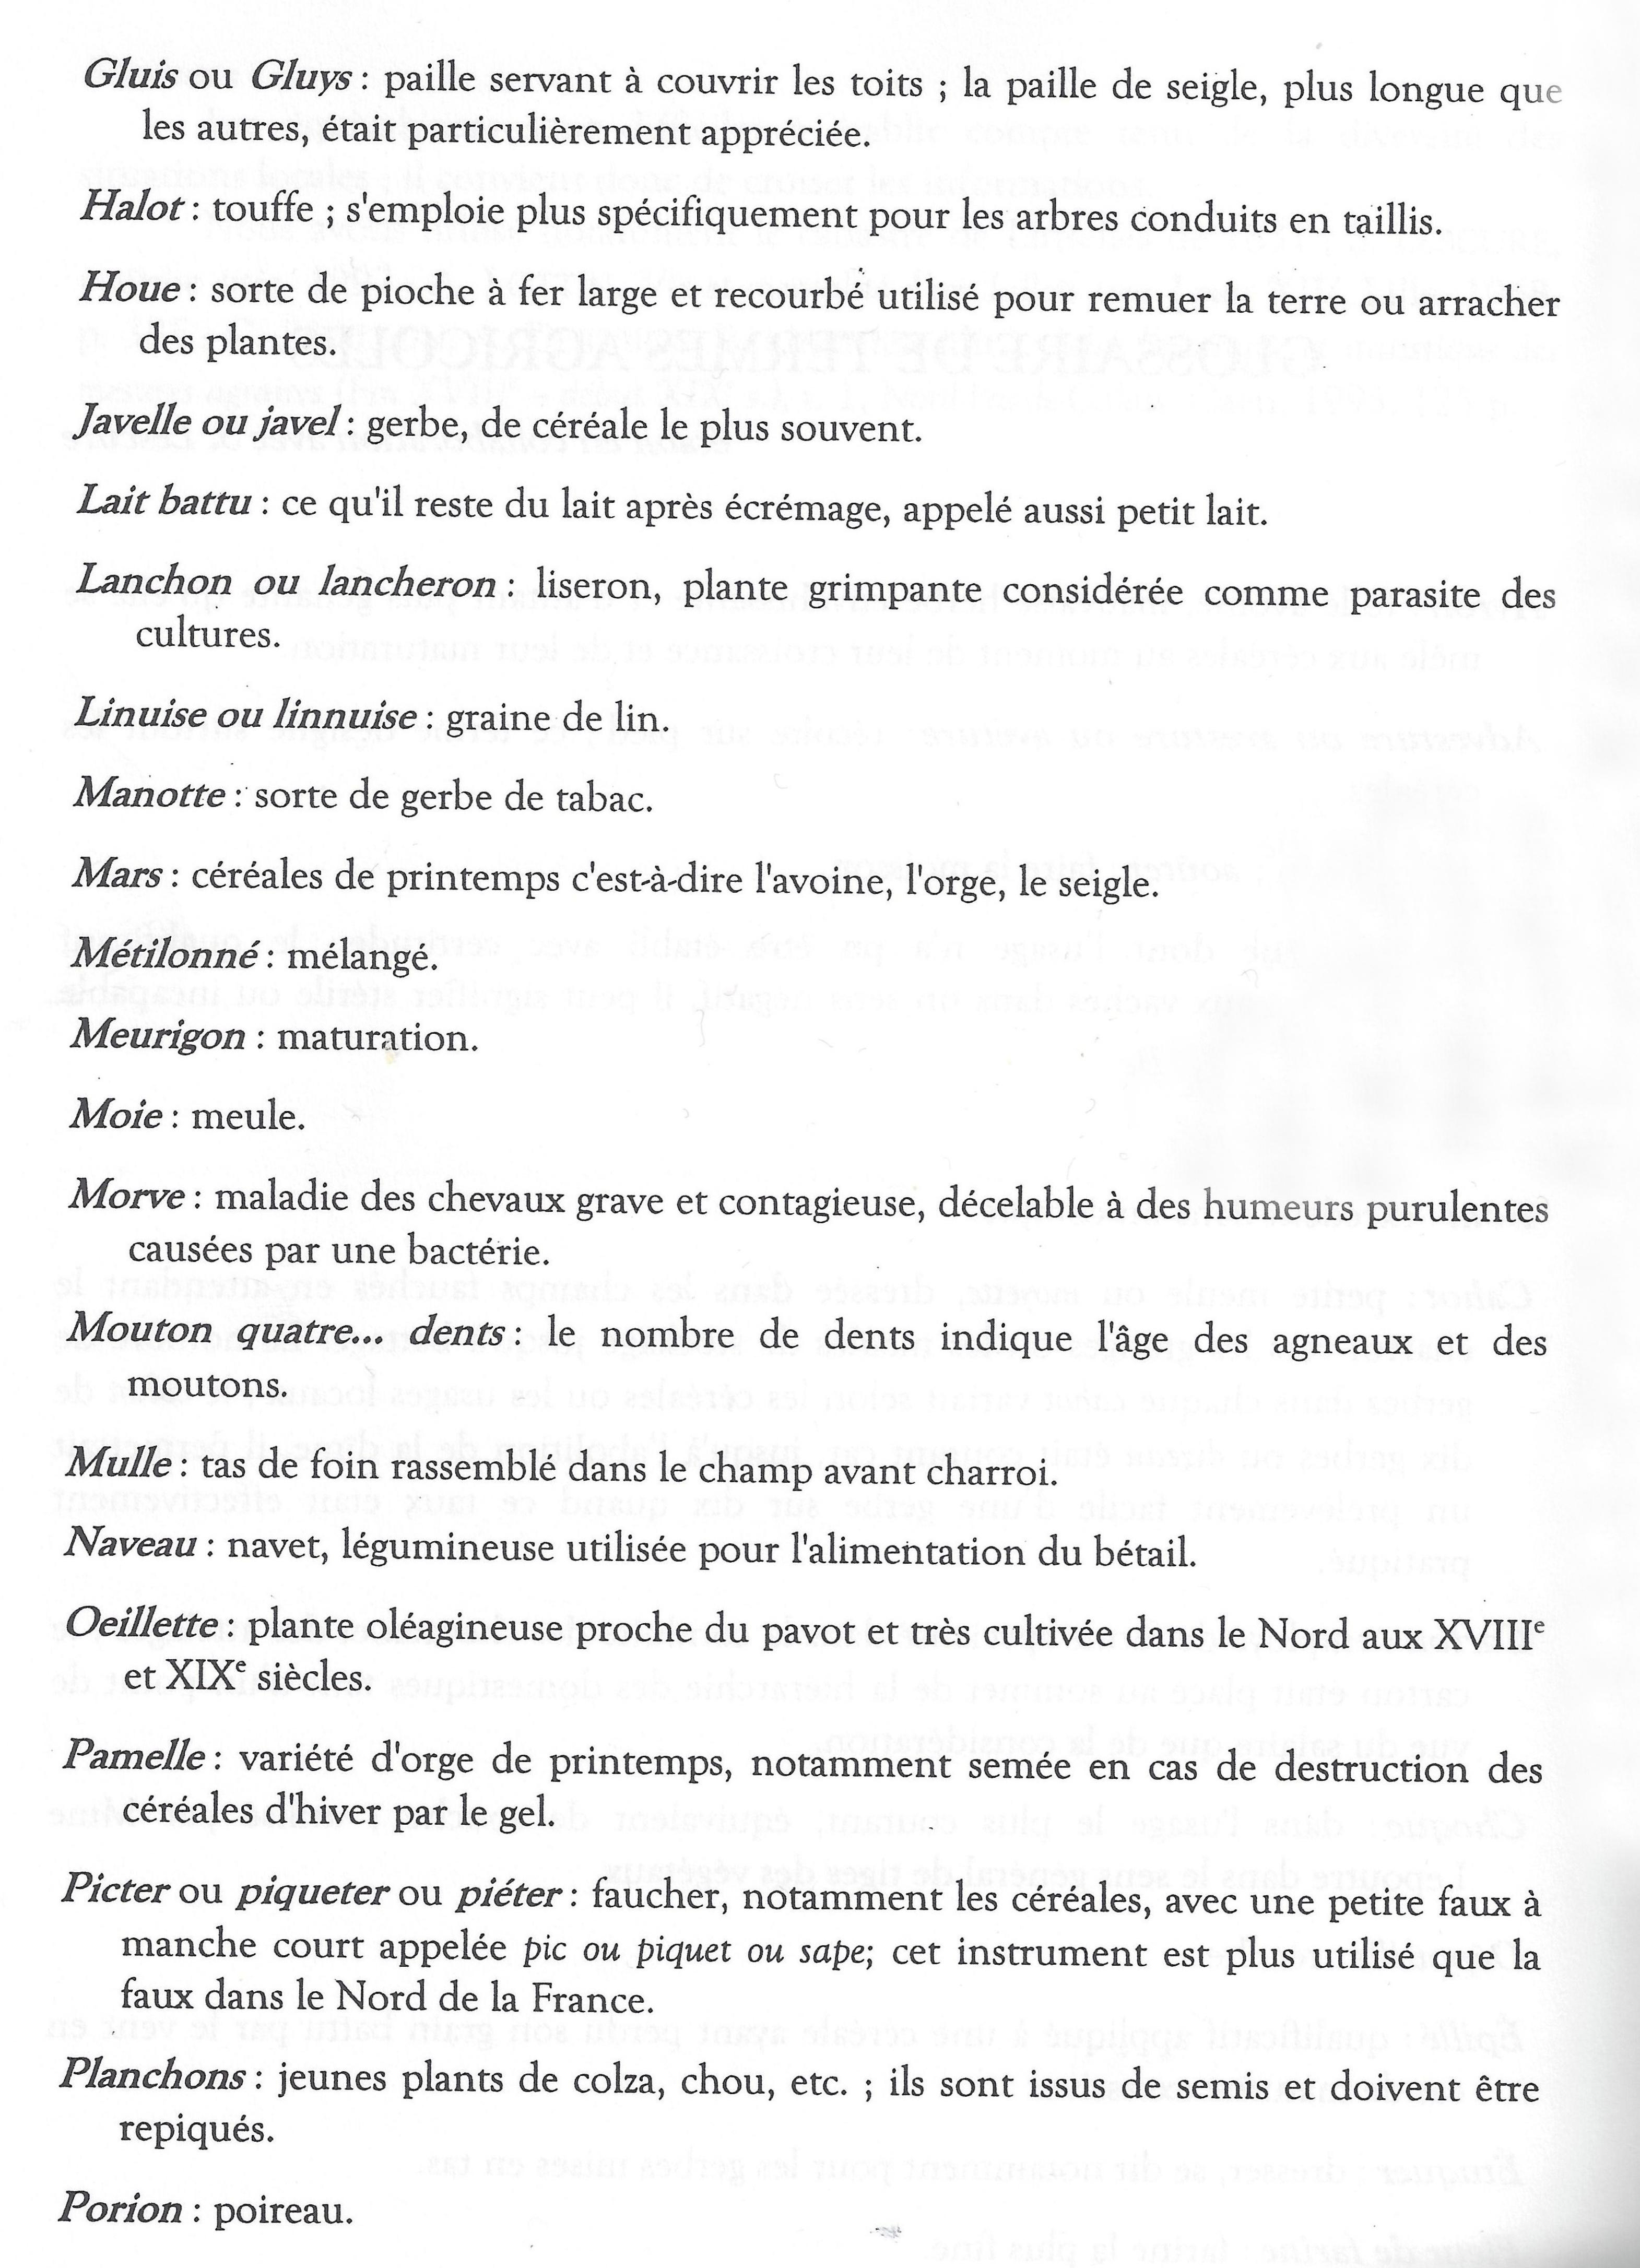 glossaire des thermes agricoles20